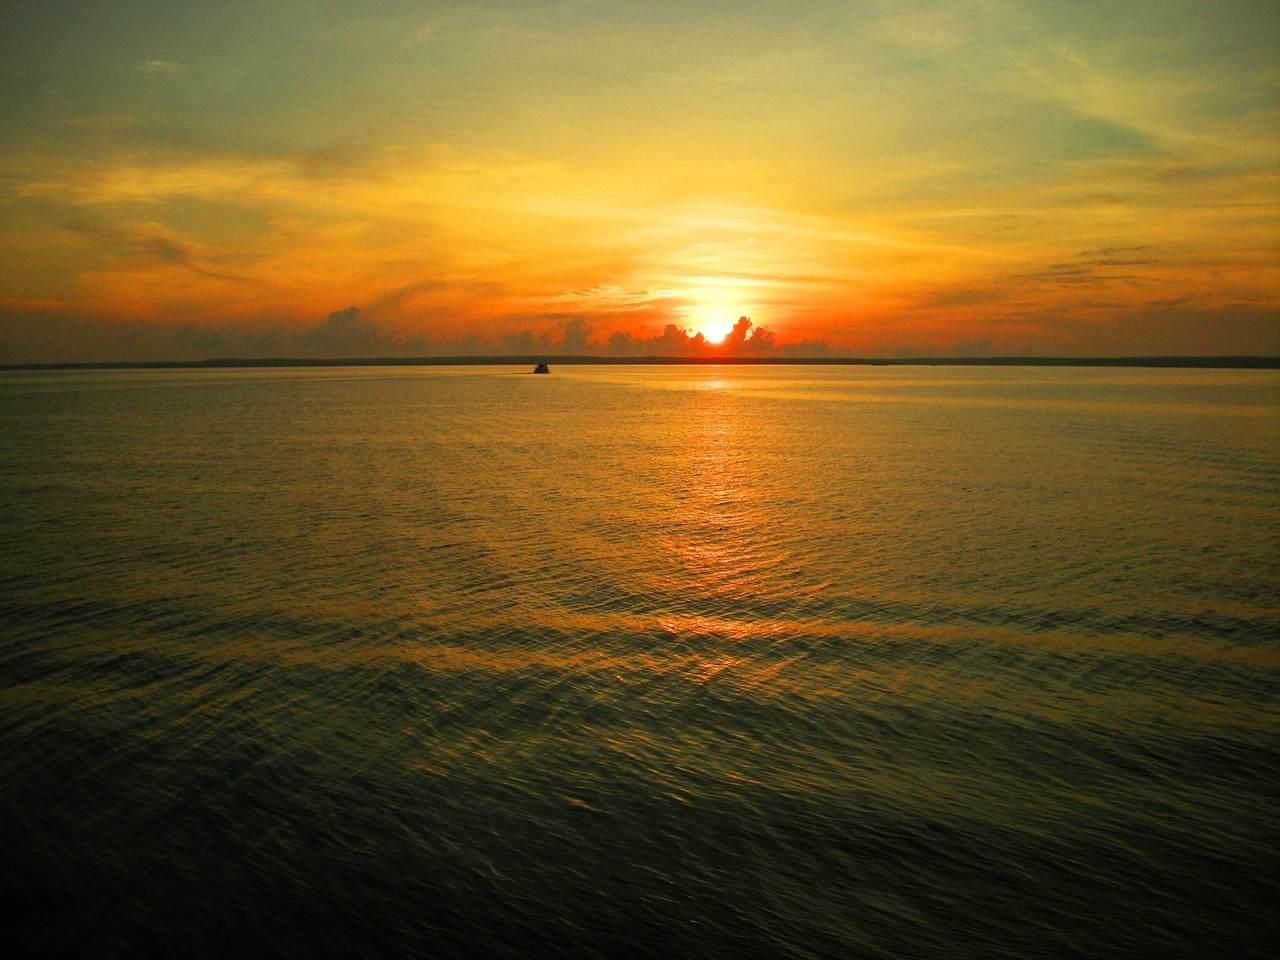 海にまつわる怖い話『赤道付近』|洒落怖・海の怪談